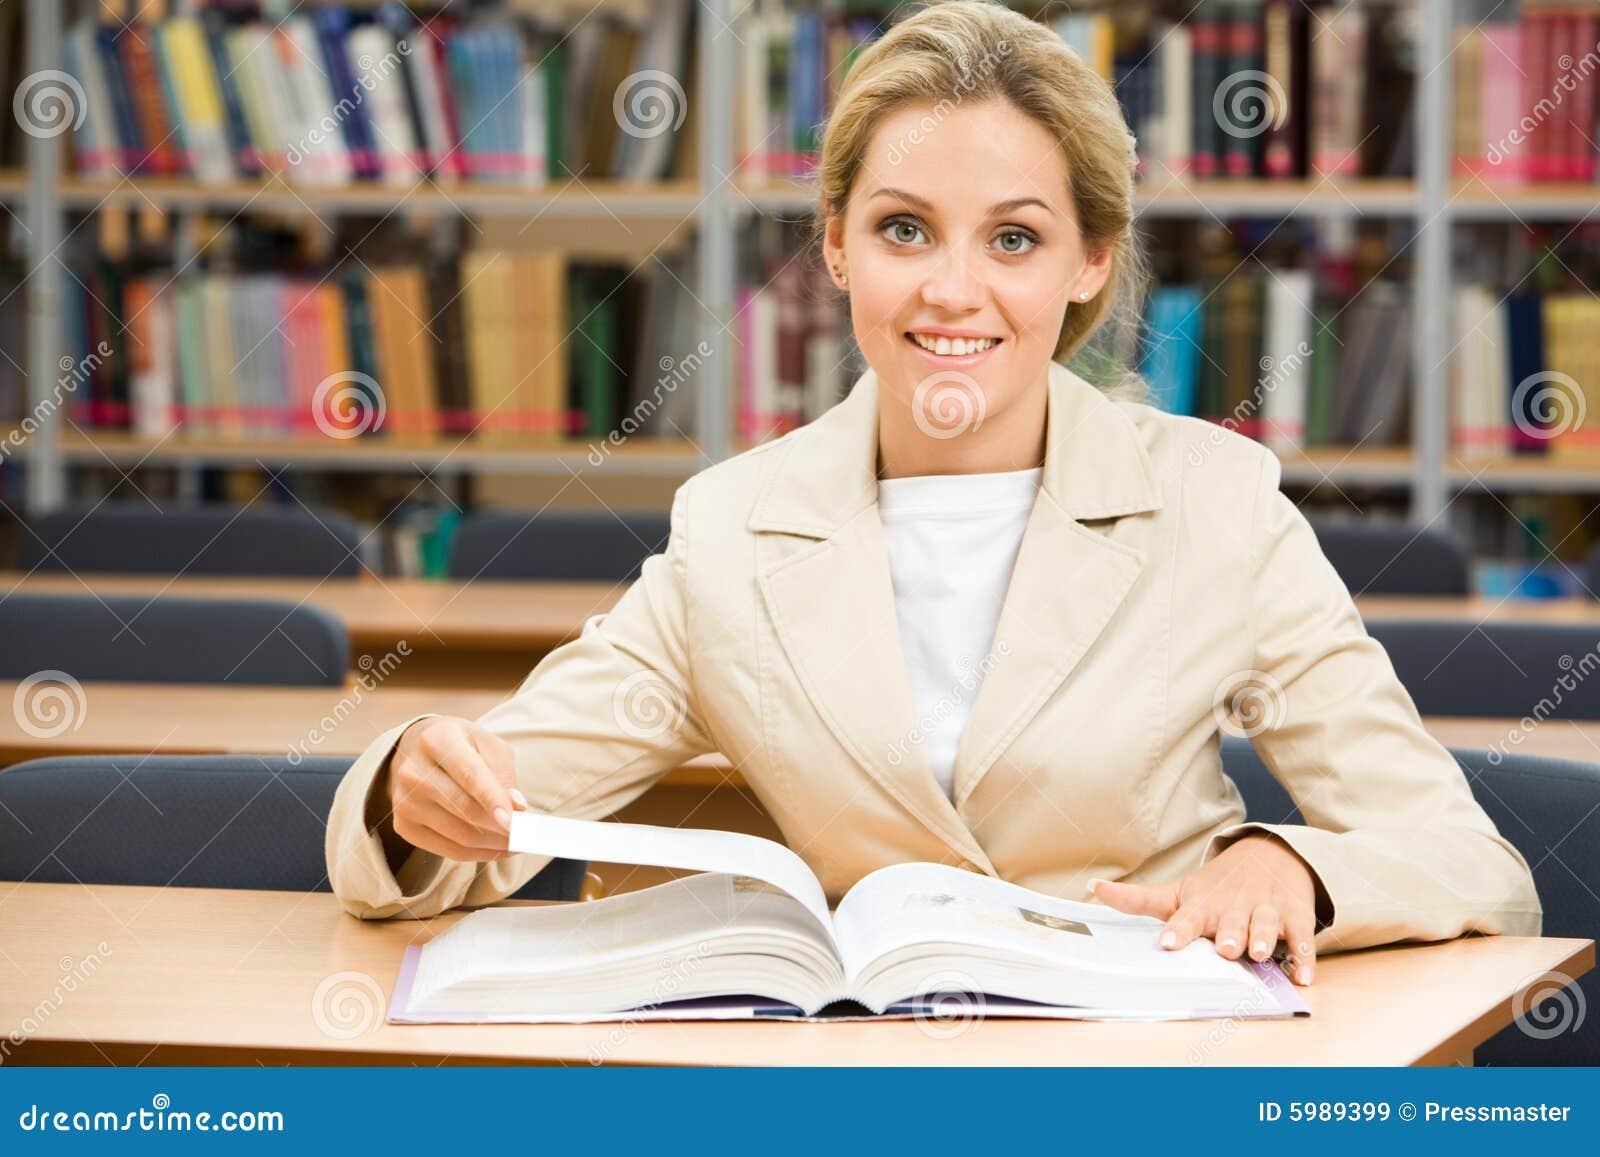 Estudiante diligente